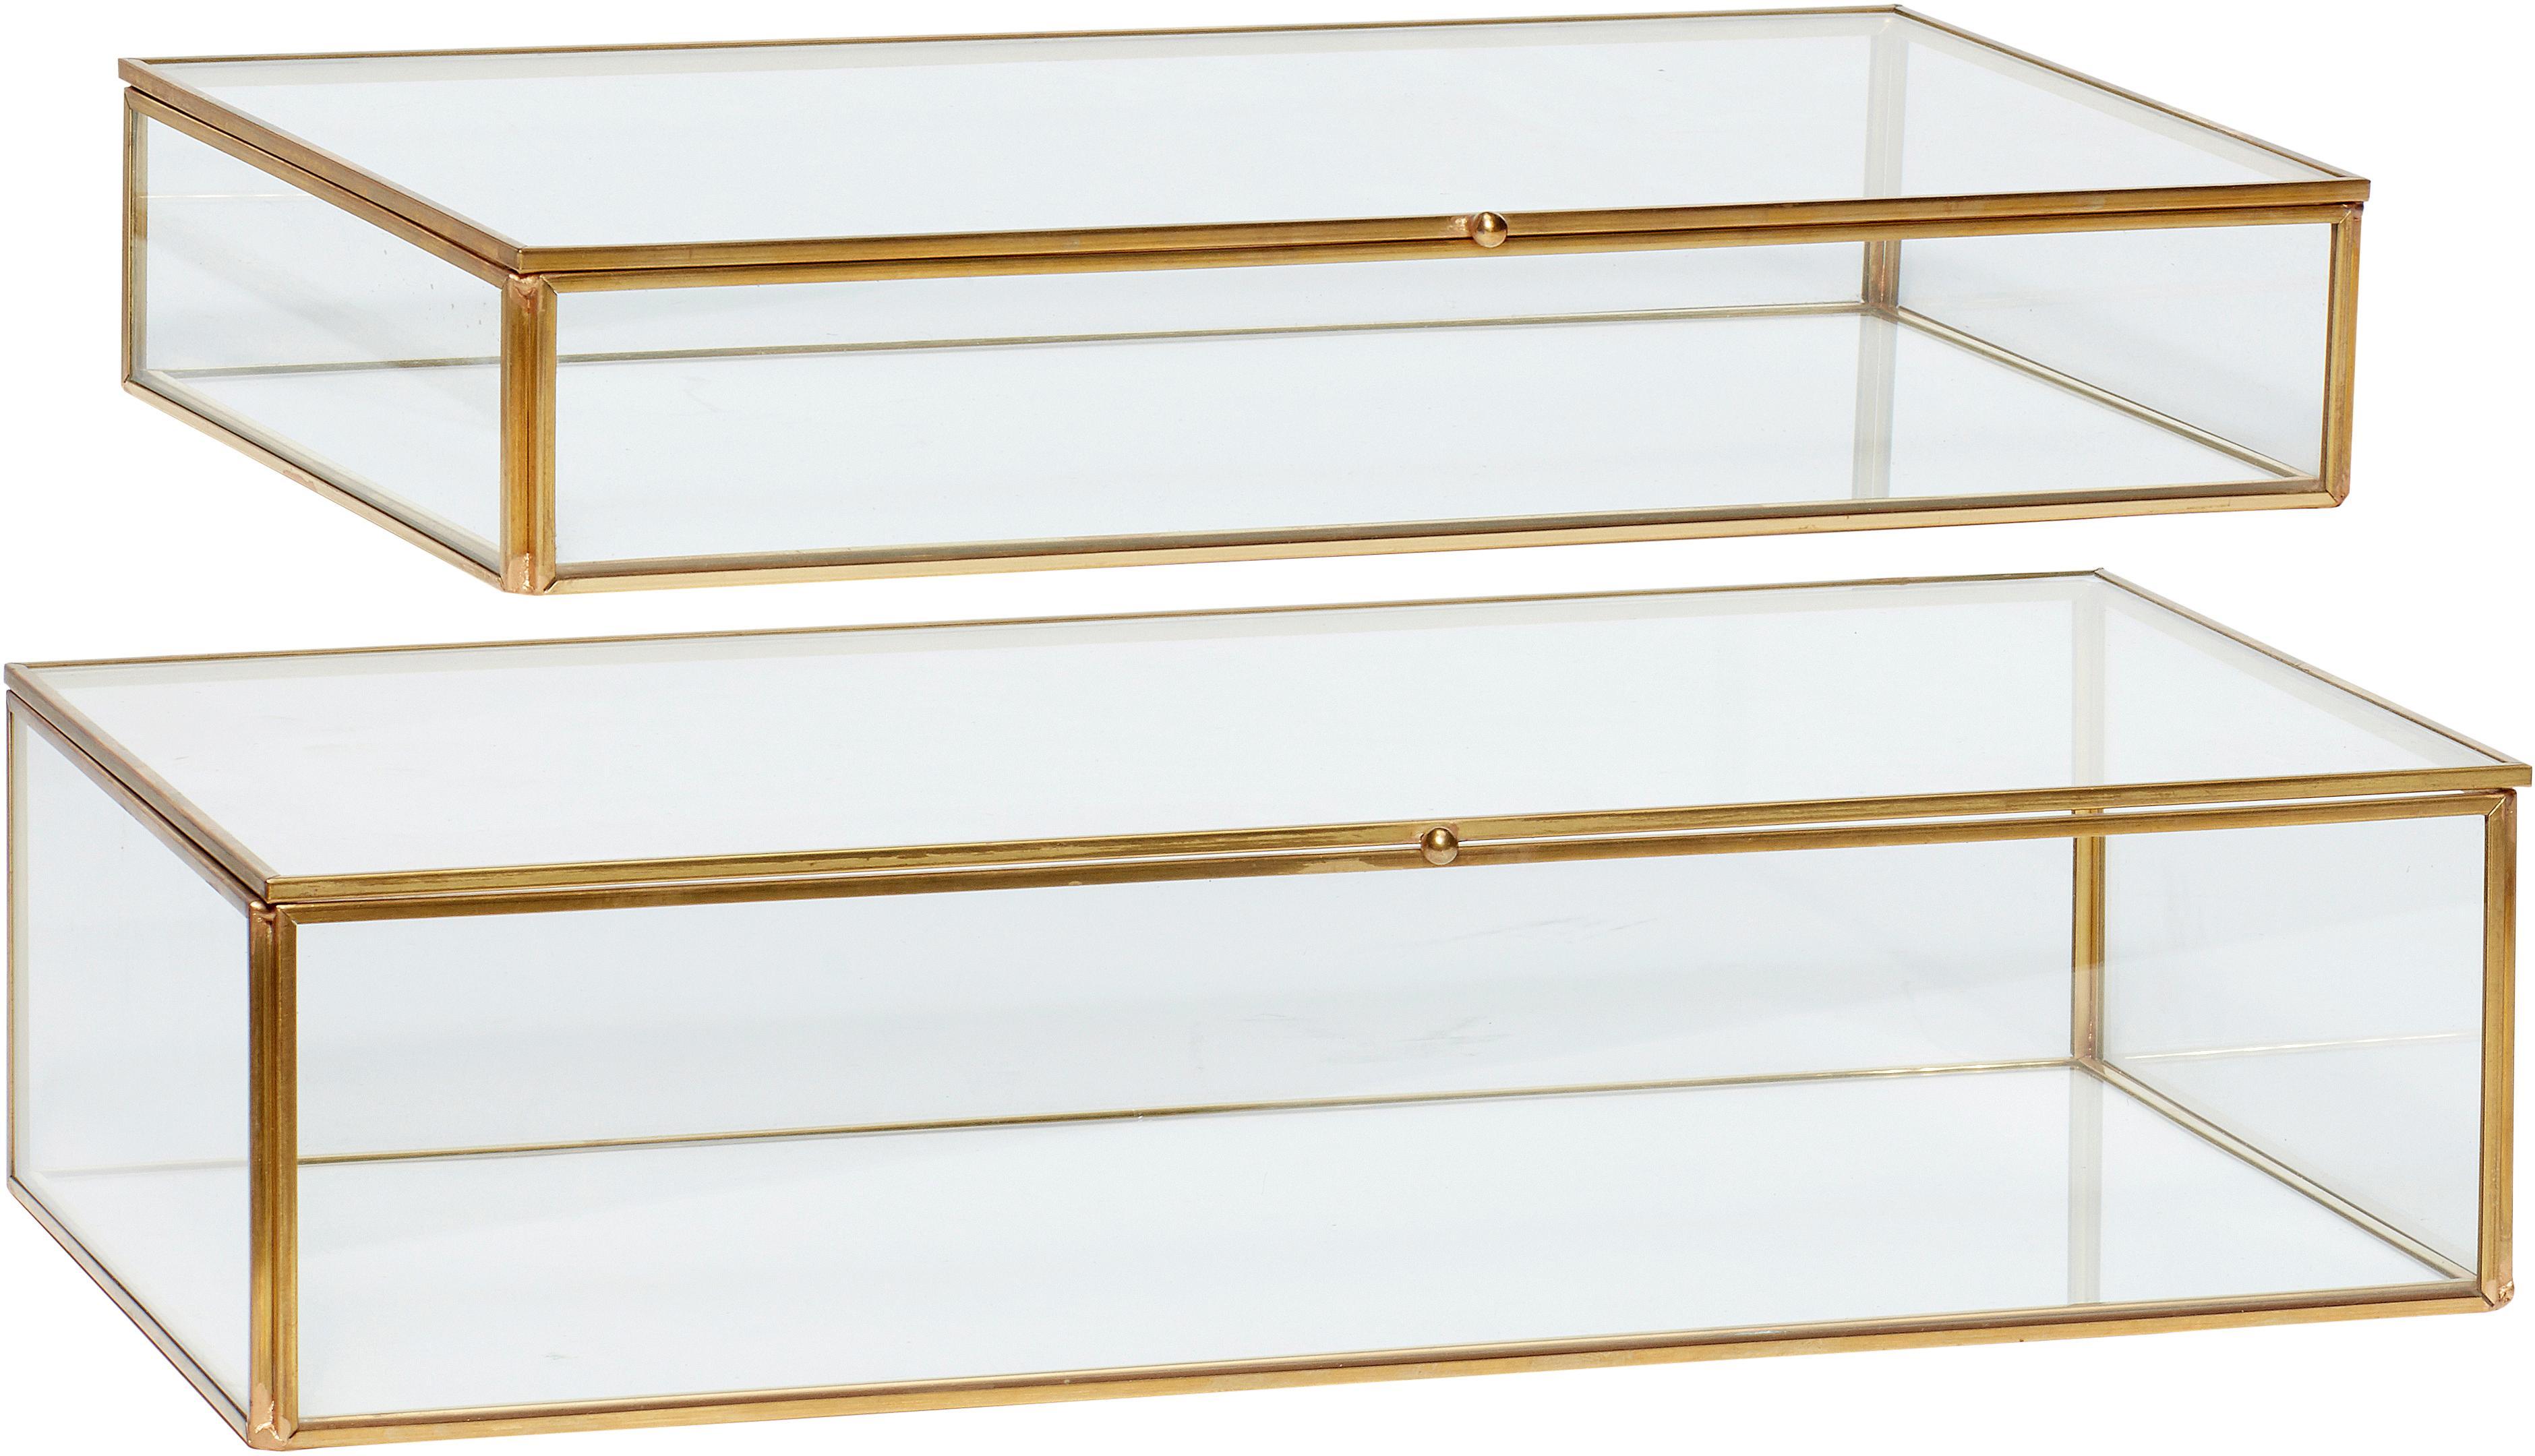 Aufbewahrungsboxen-Set Karia, 2-tlg., Rahmen: Messing, Box: Glas, Messing, Transparent, Set mit verschiedenen Grössen